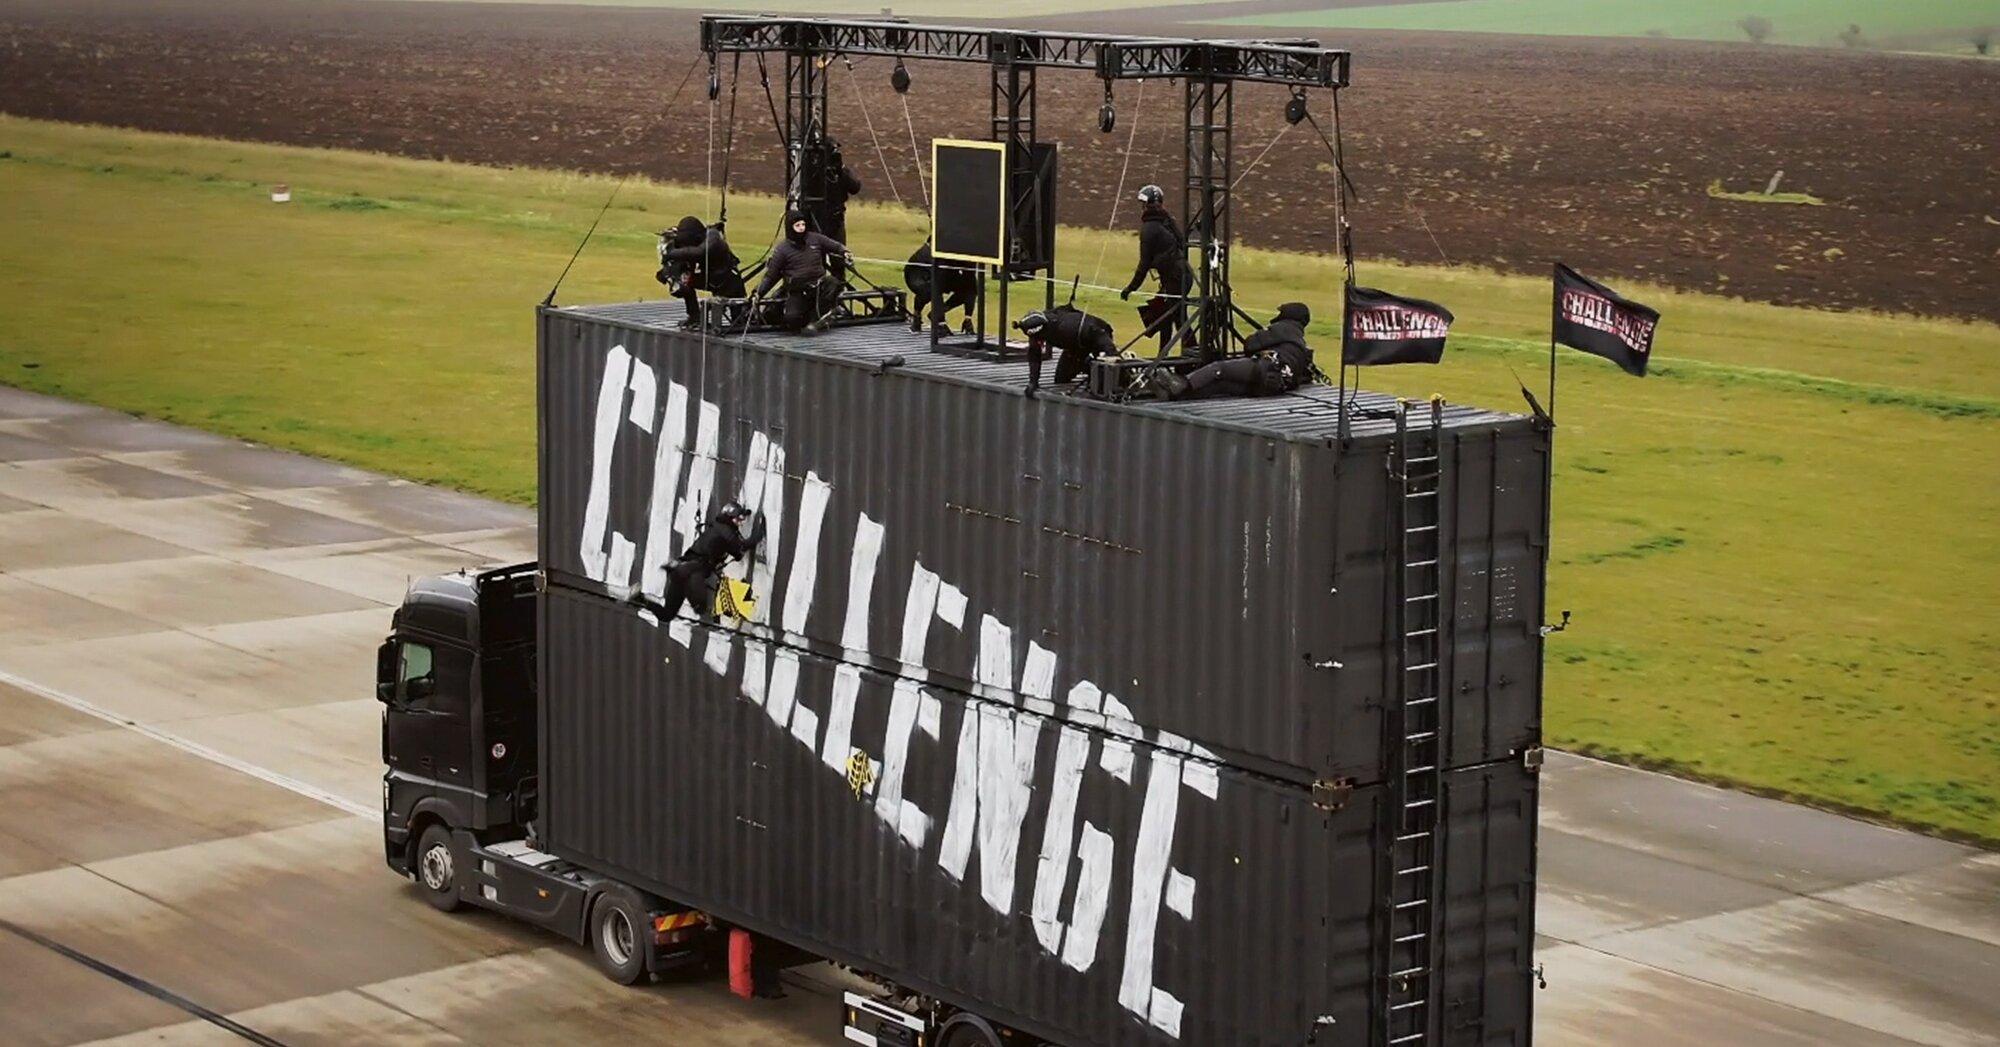 MTV renews 'The Challenge' for season 36